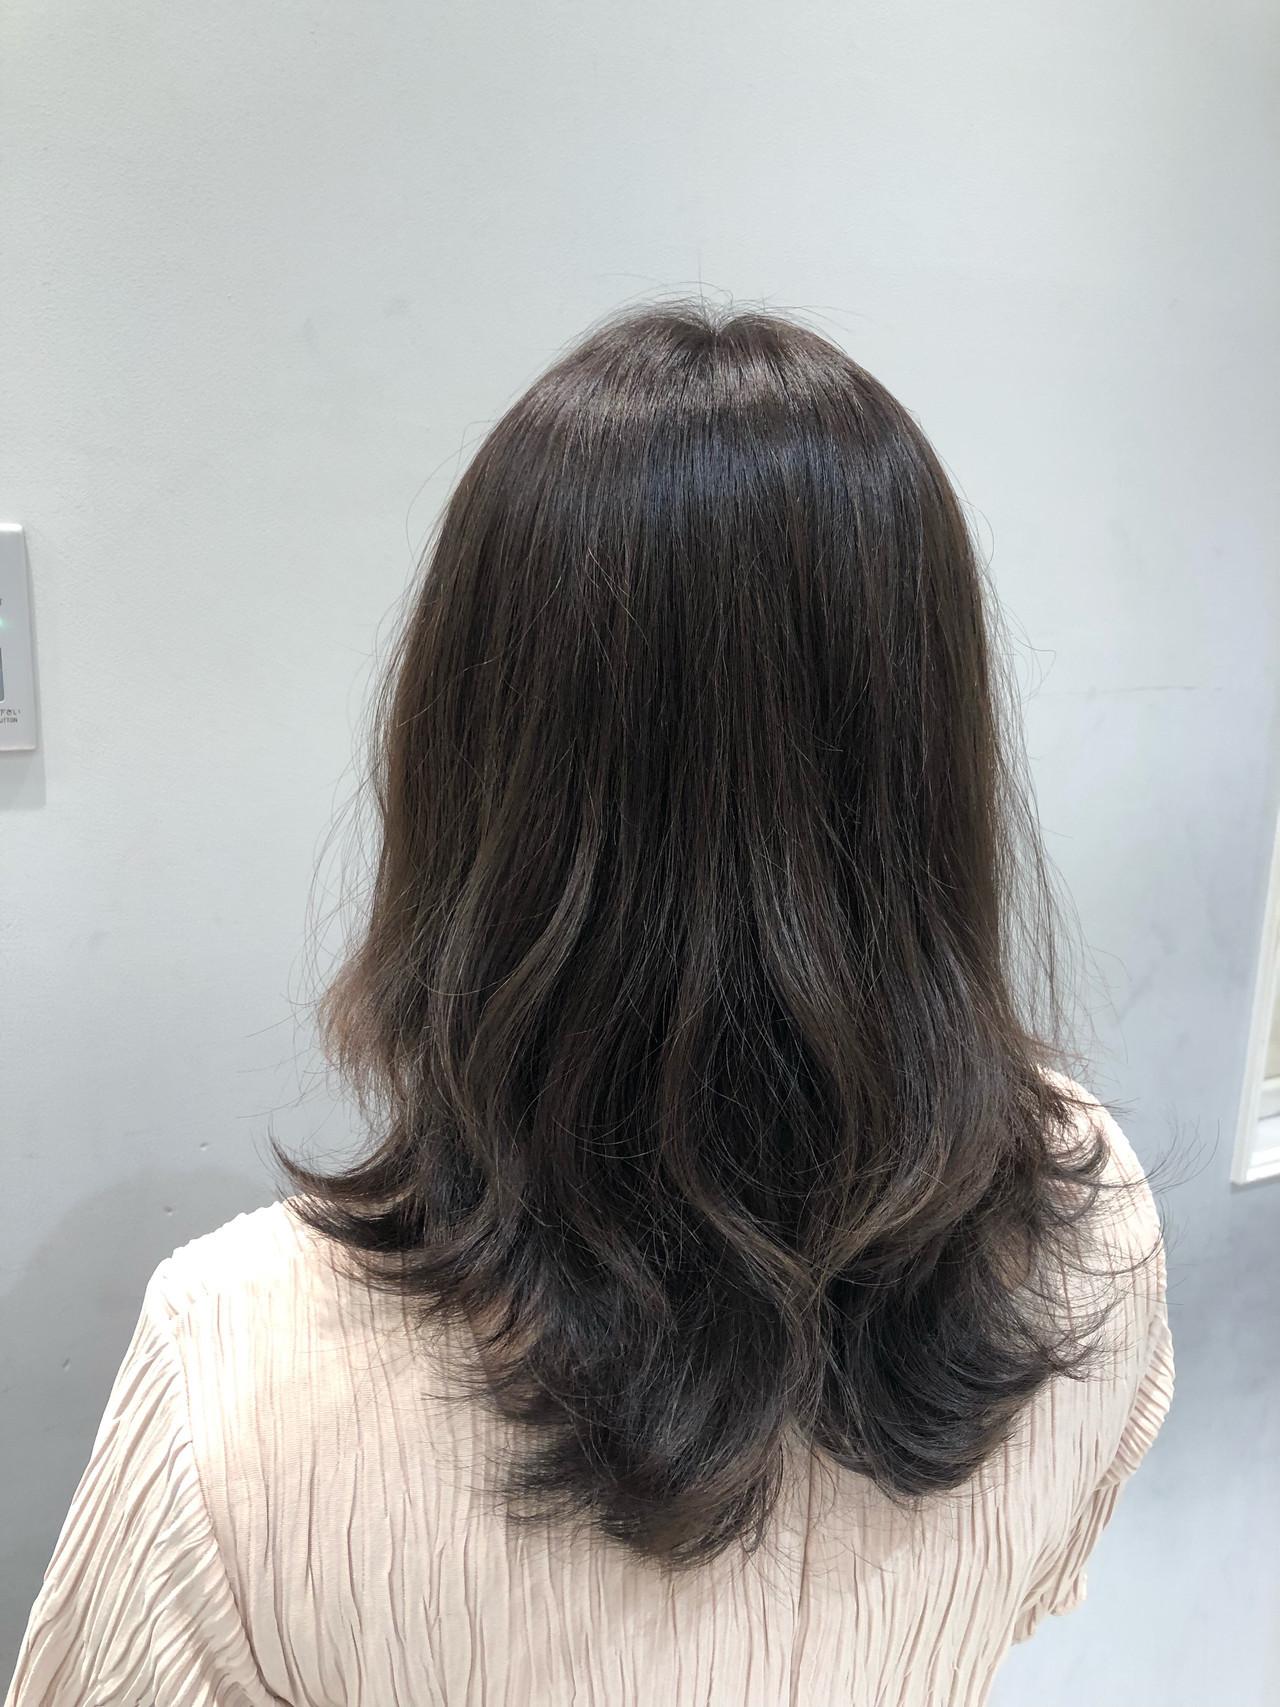 ナチュラルデジパ フェミニン デジタルパーマ 無造作パーマ ヘアスタイルや髪型の写真・画像